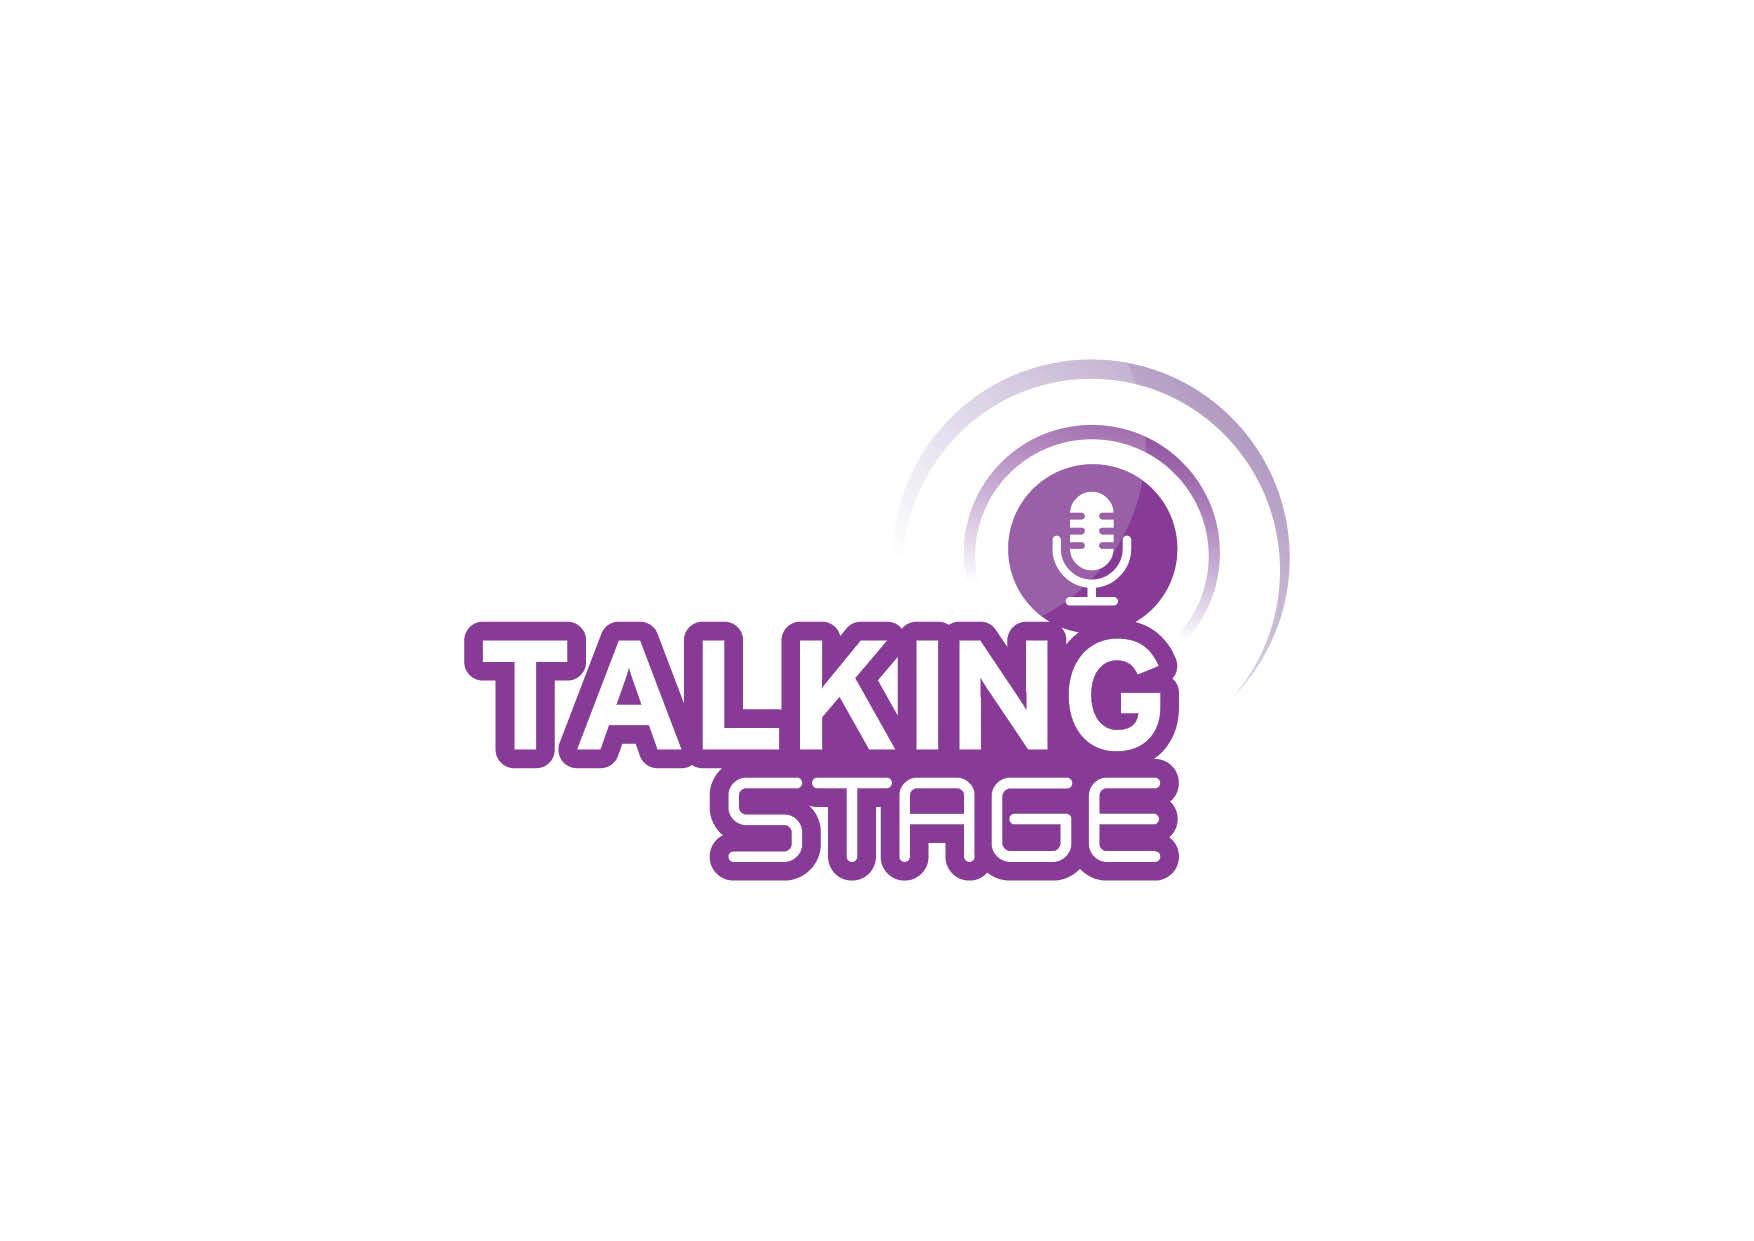 Talking Stage